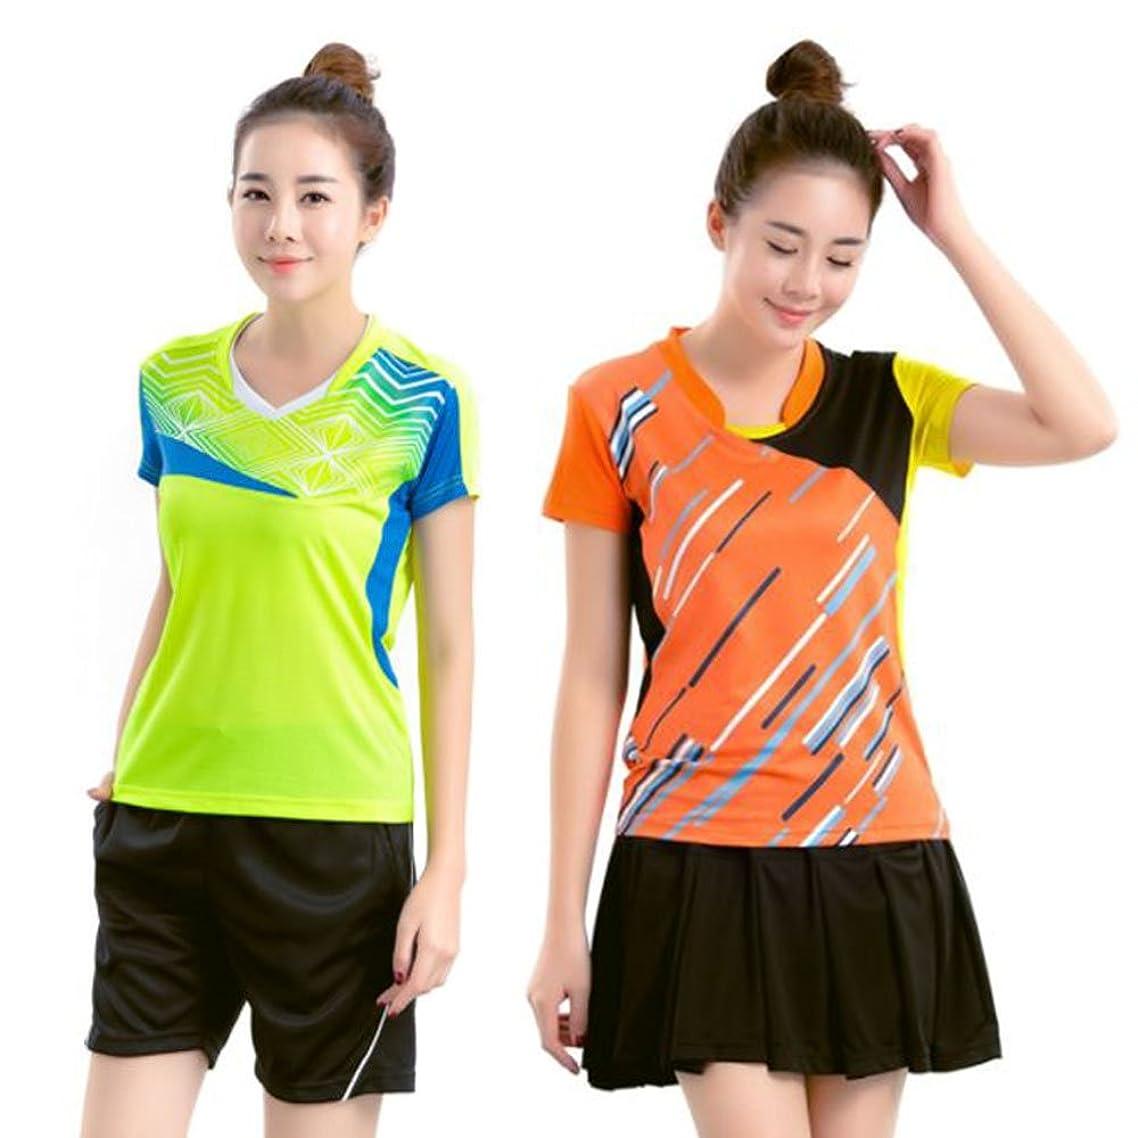 吸収するお気に入り憤るmonoii 卓球 ユニフォーム シャツ ウェア ゲーム シャツ 半袖 レディース 上下 セット